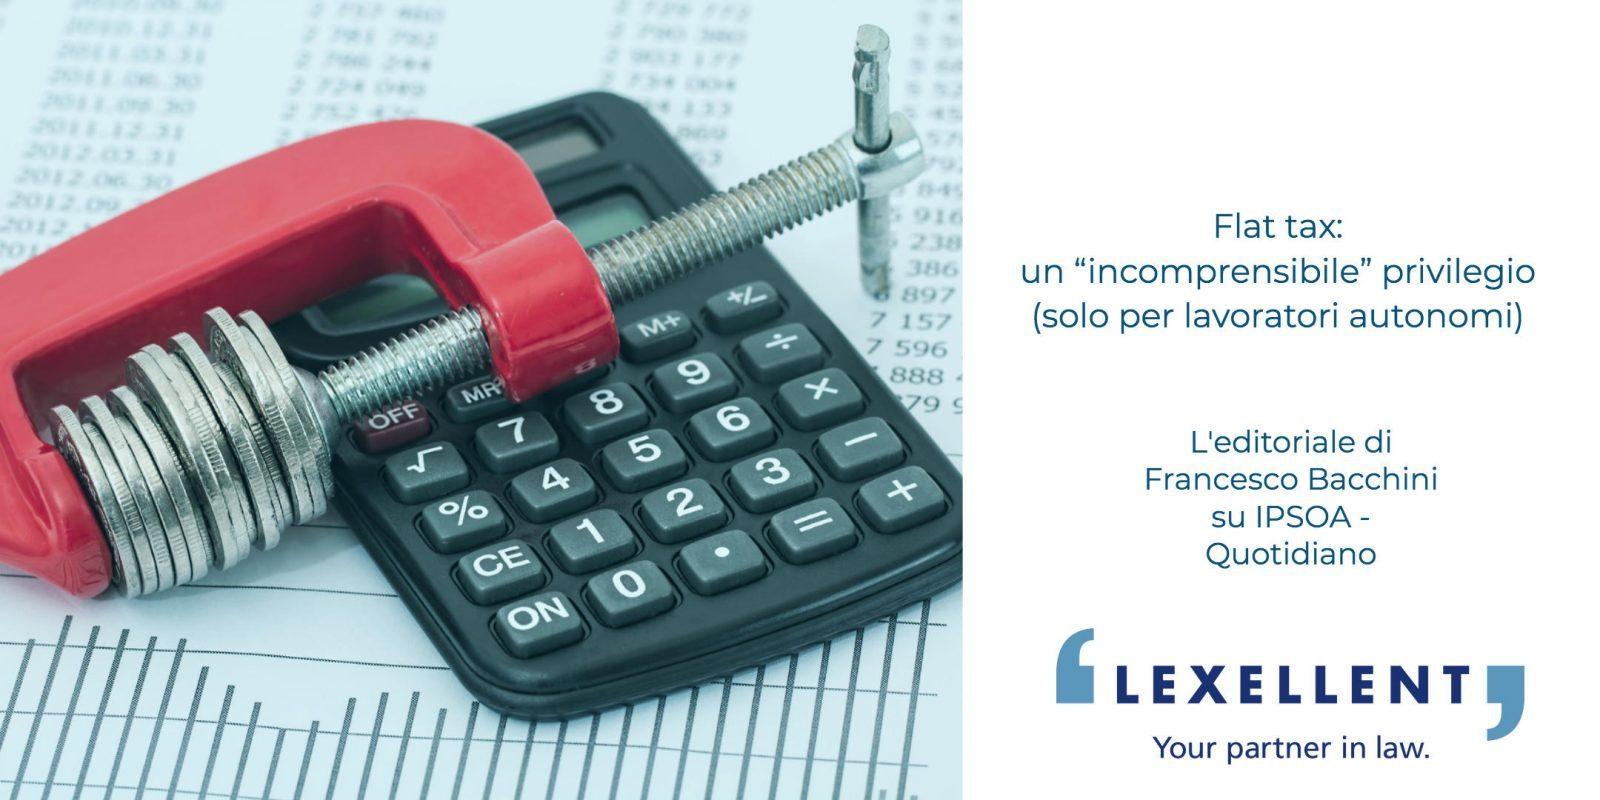 """Flat tax: un """"incomprensibile"""" privilegio (solo per lavoratori autonomi)"""